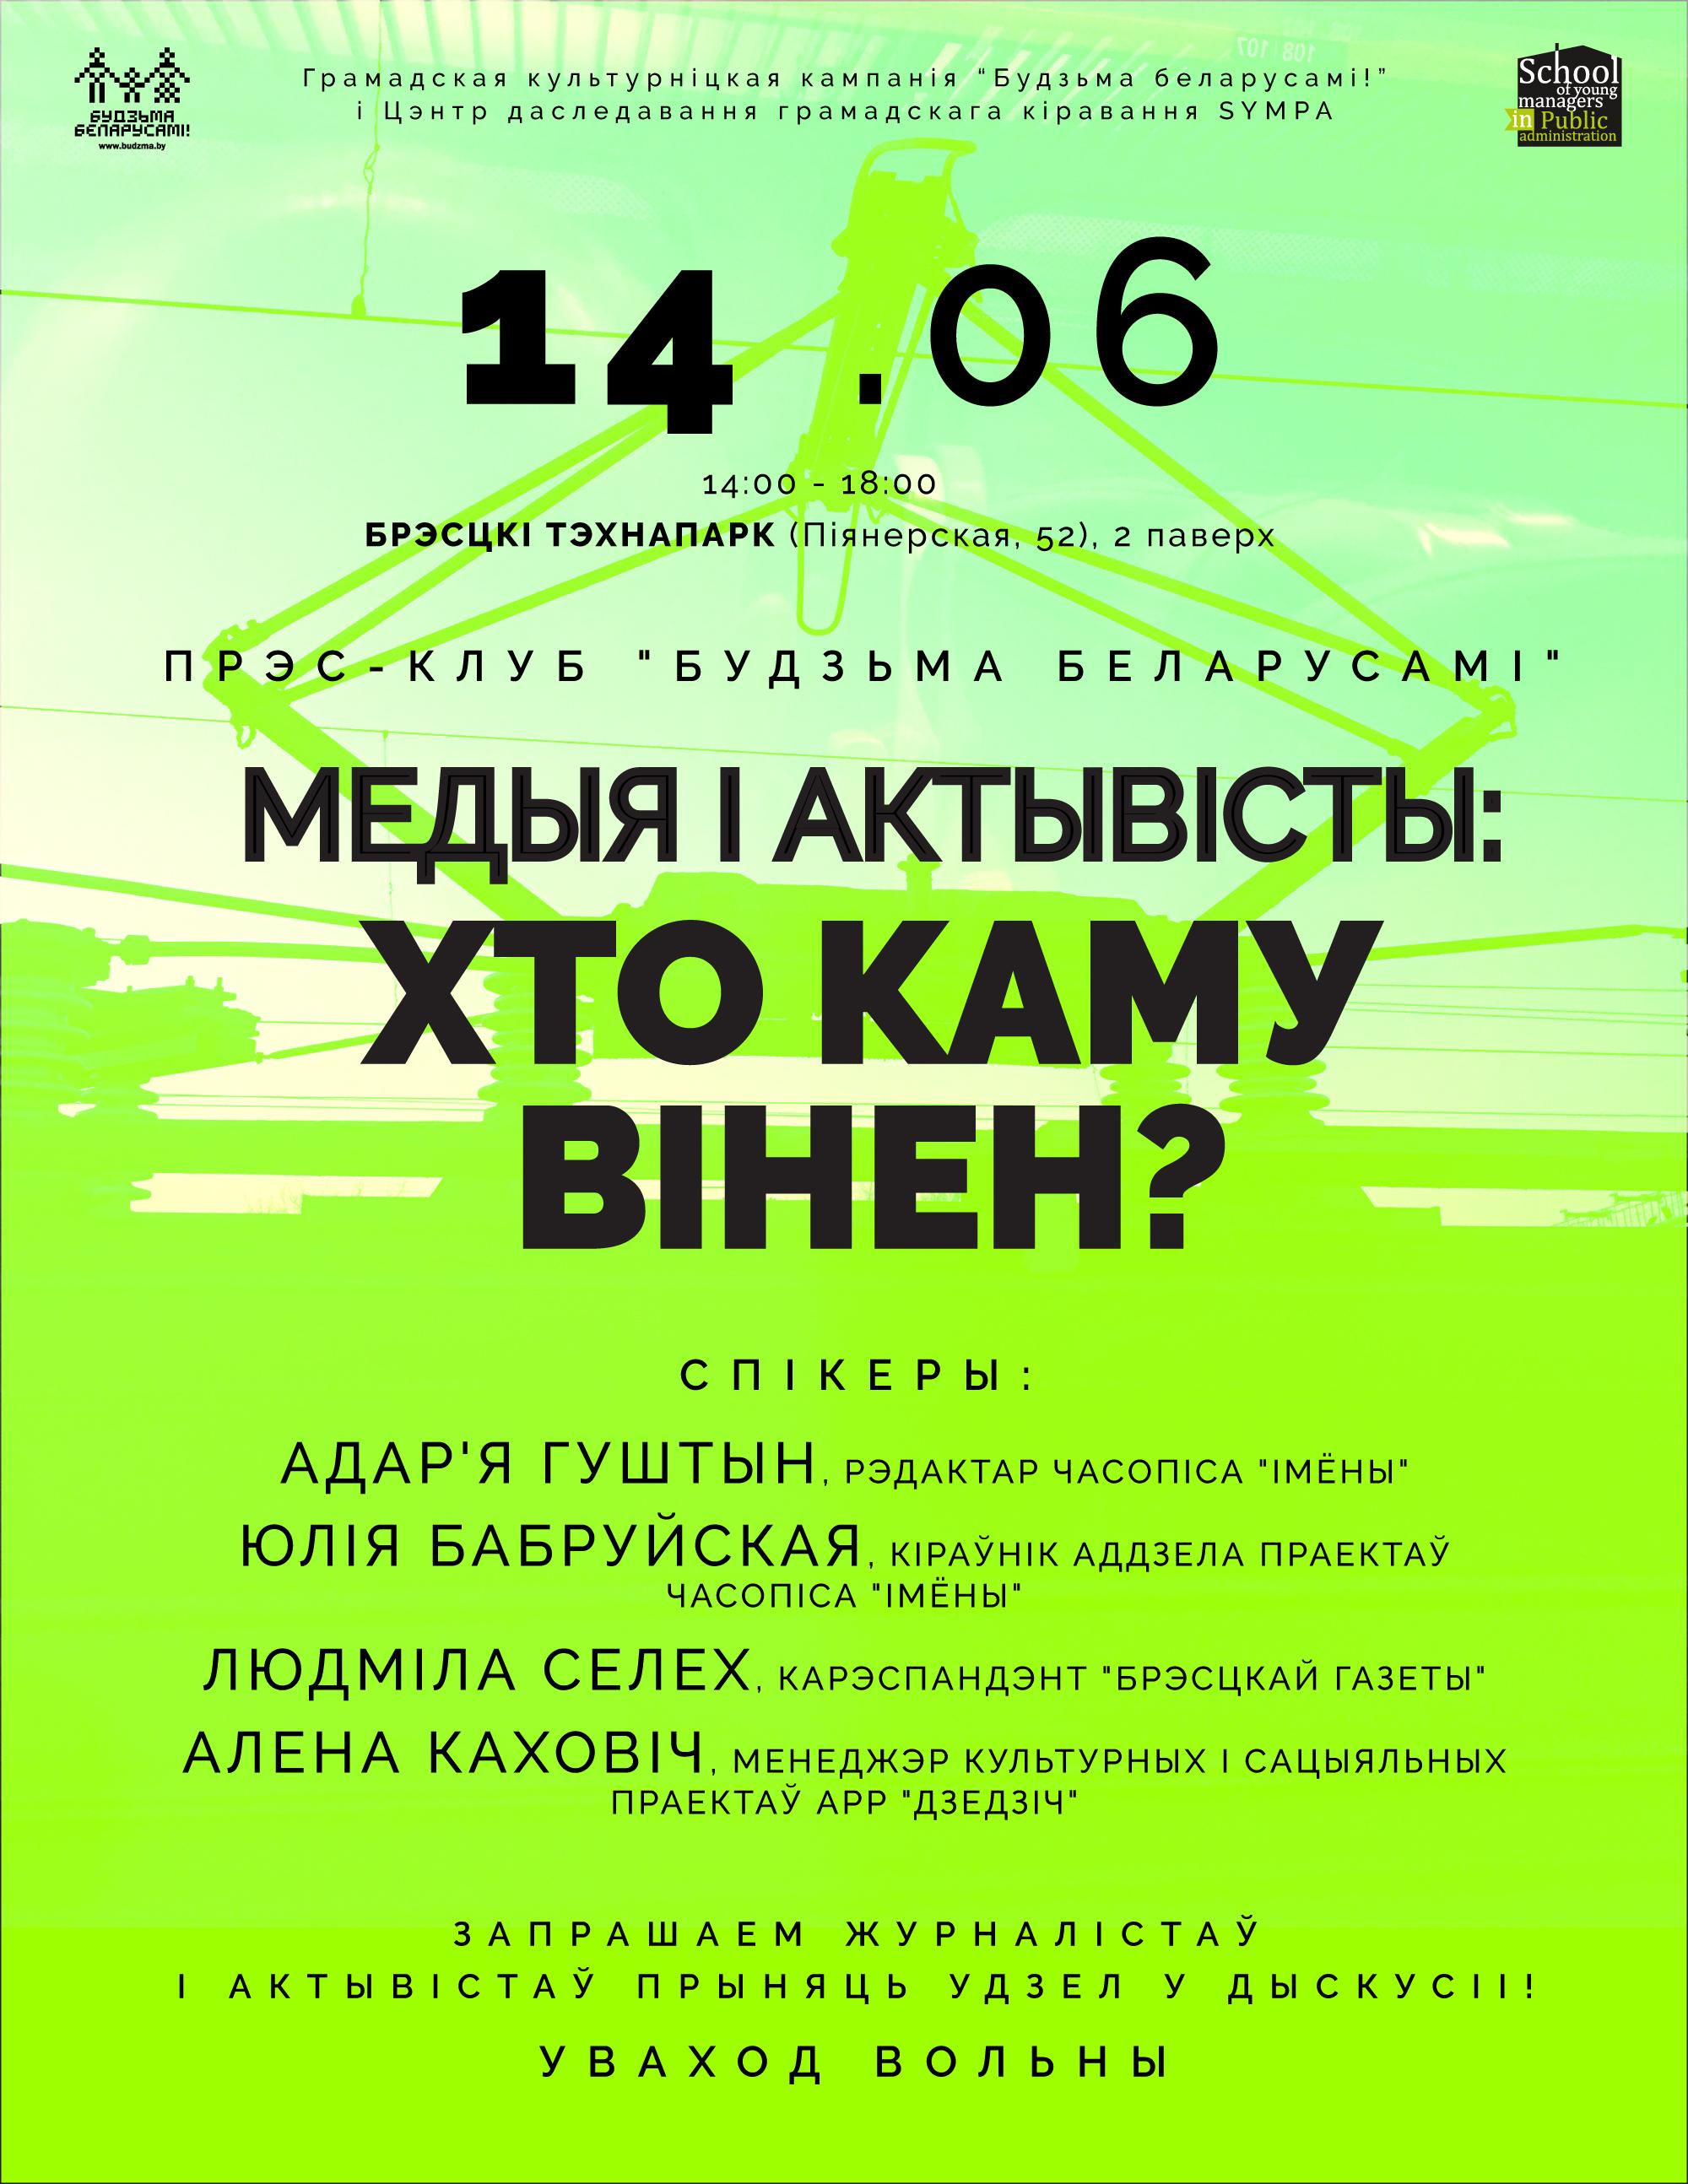 пресс-клуб Будзьма Брест